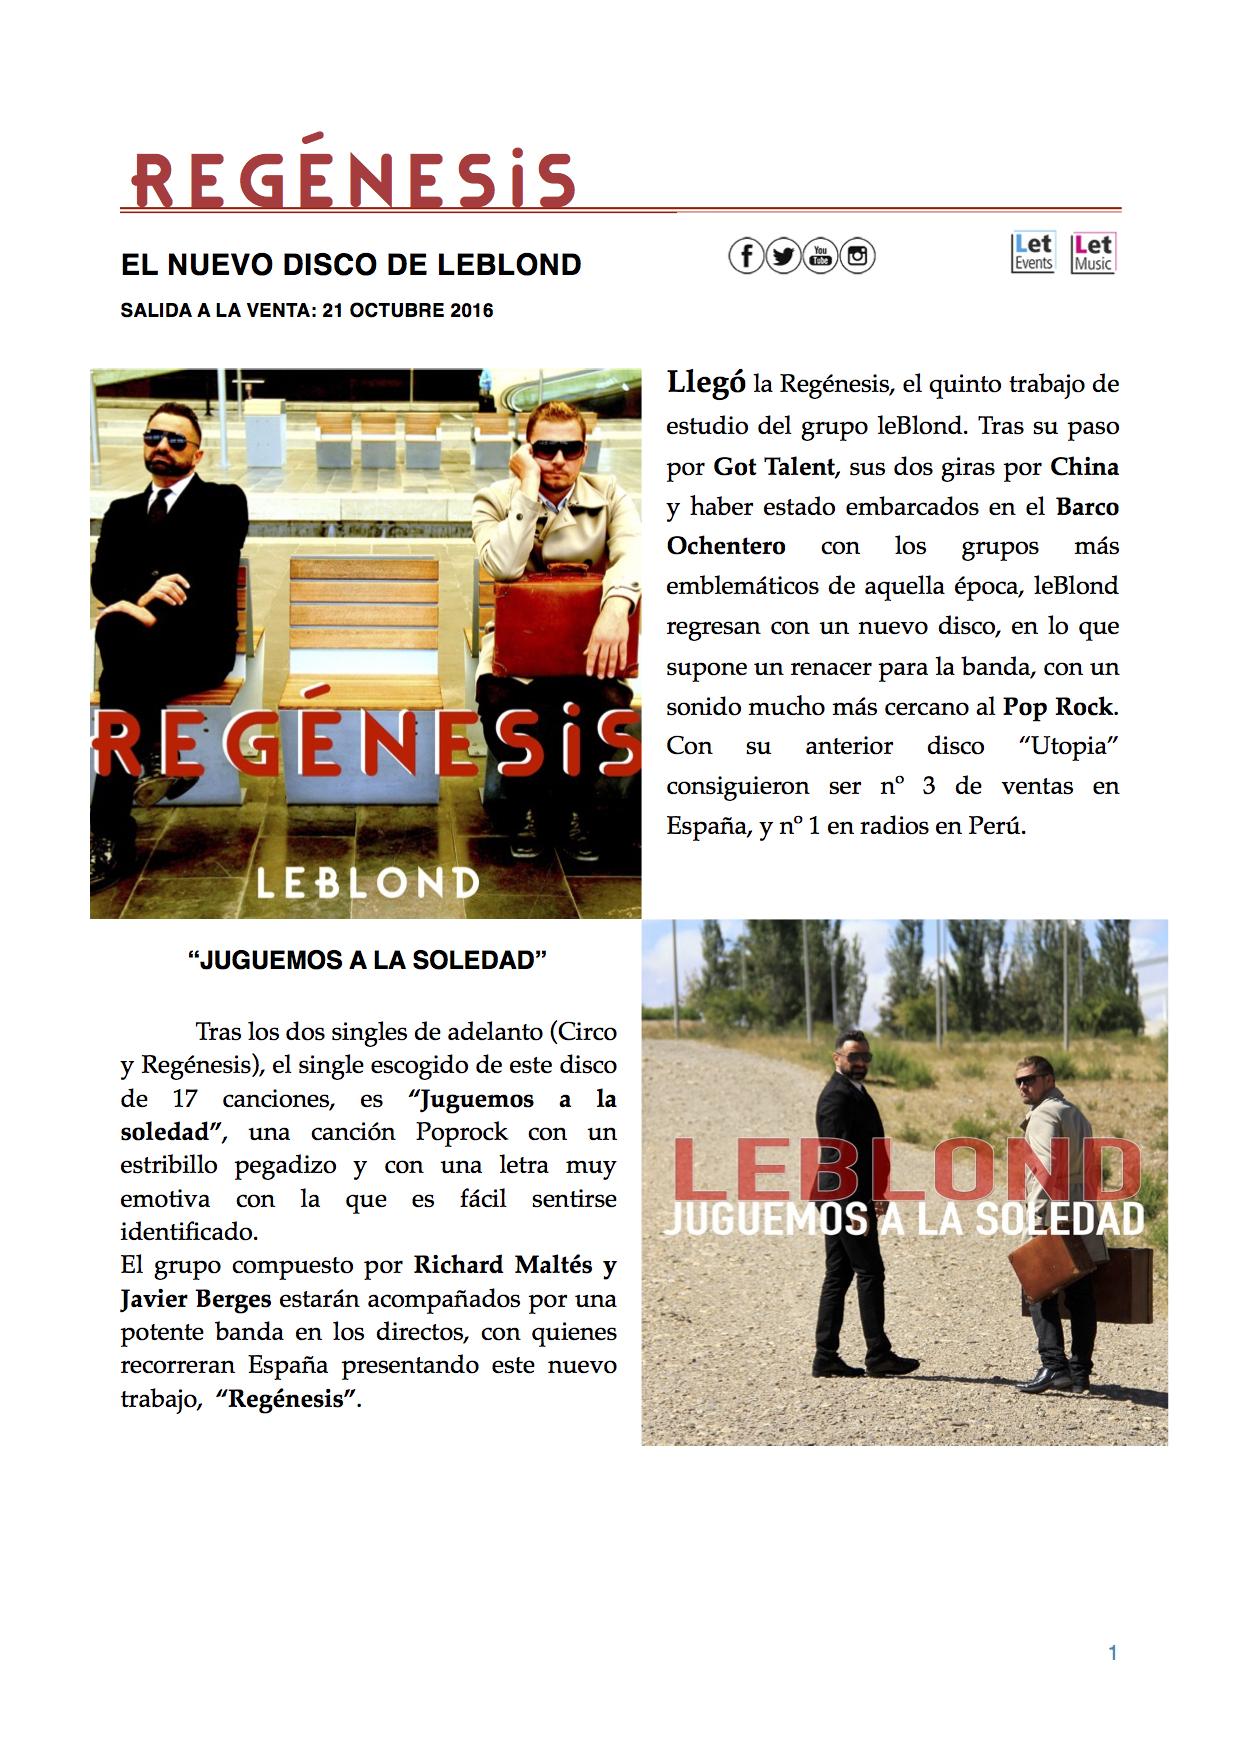 nota-de-prensa-regenesis